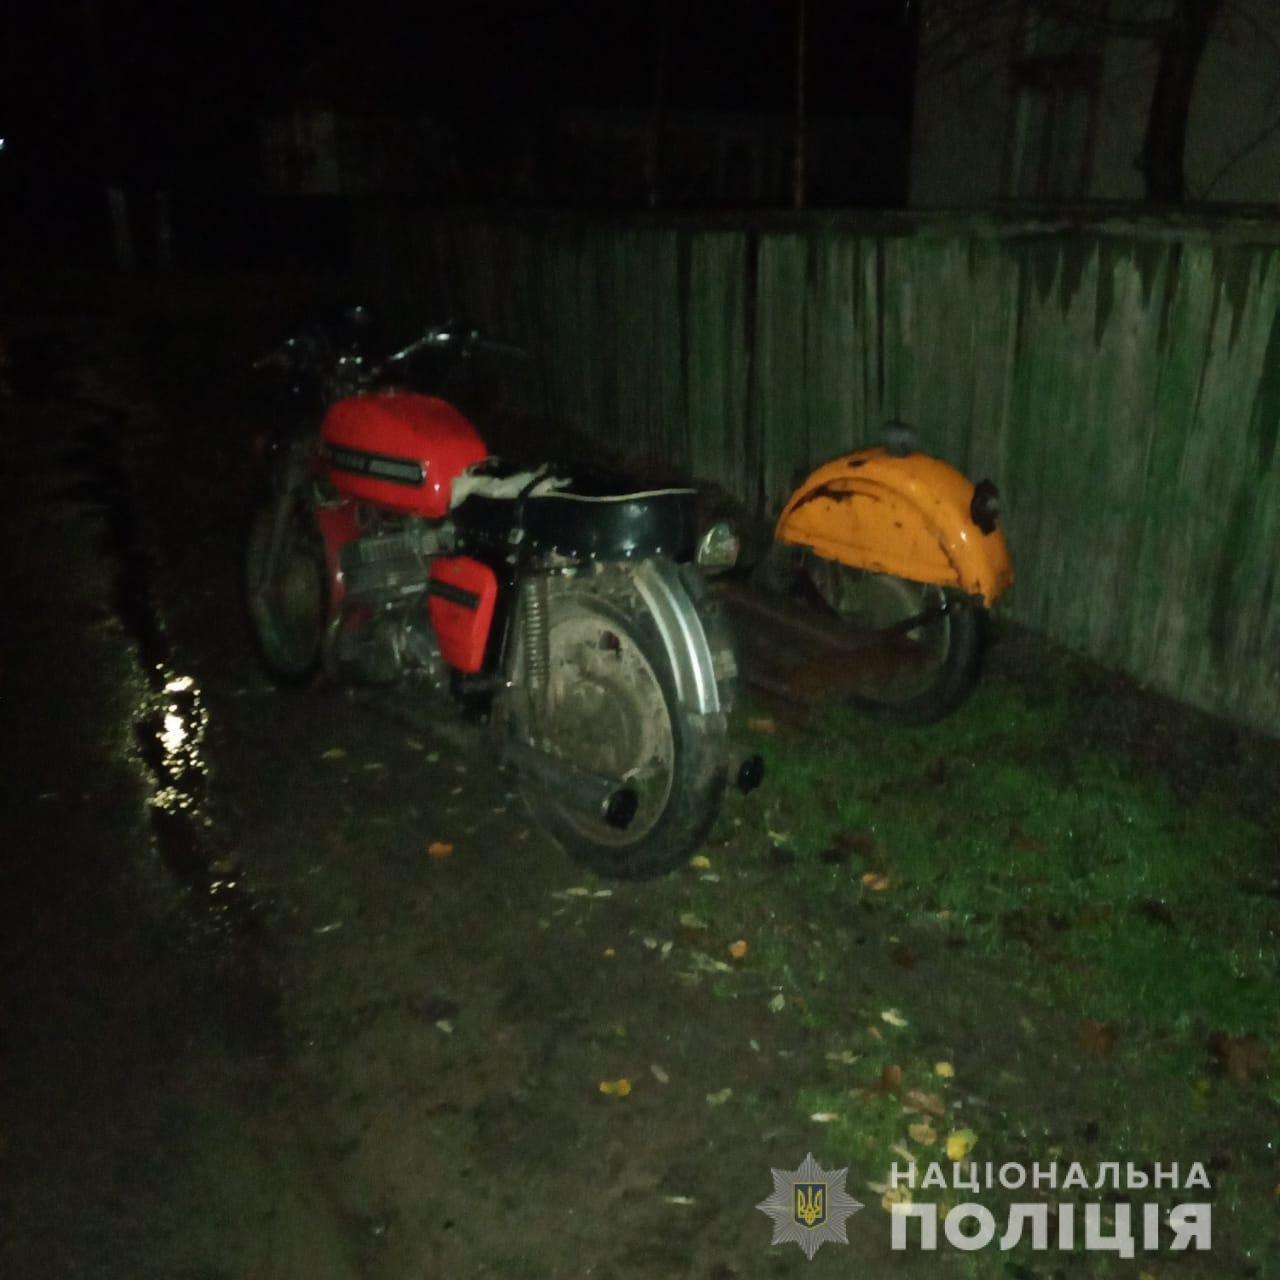 В Одесской области насмерть разбился мотоциклист, - ФОТО, фото-1